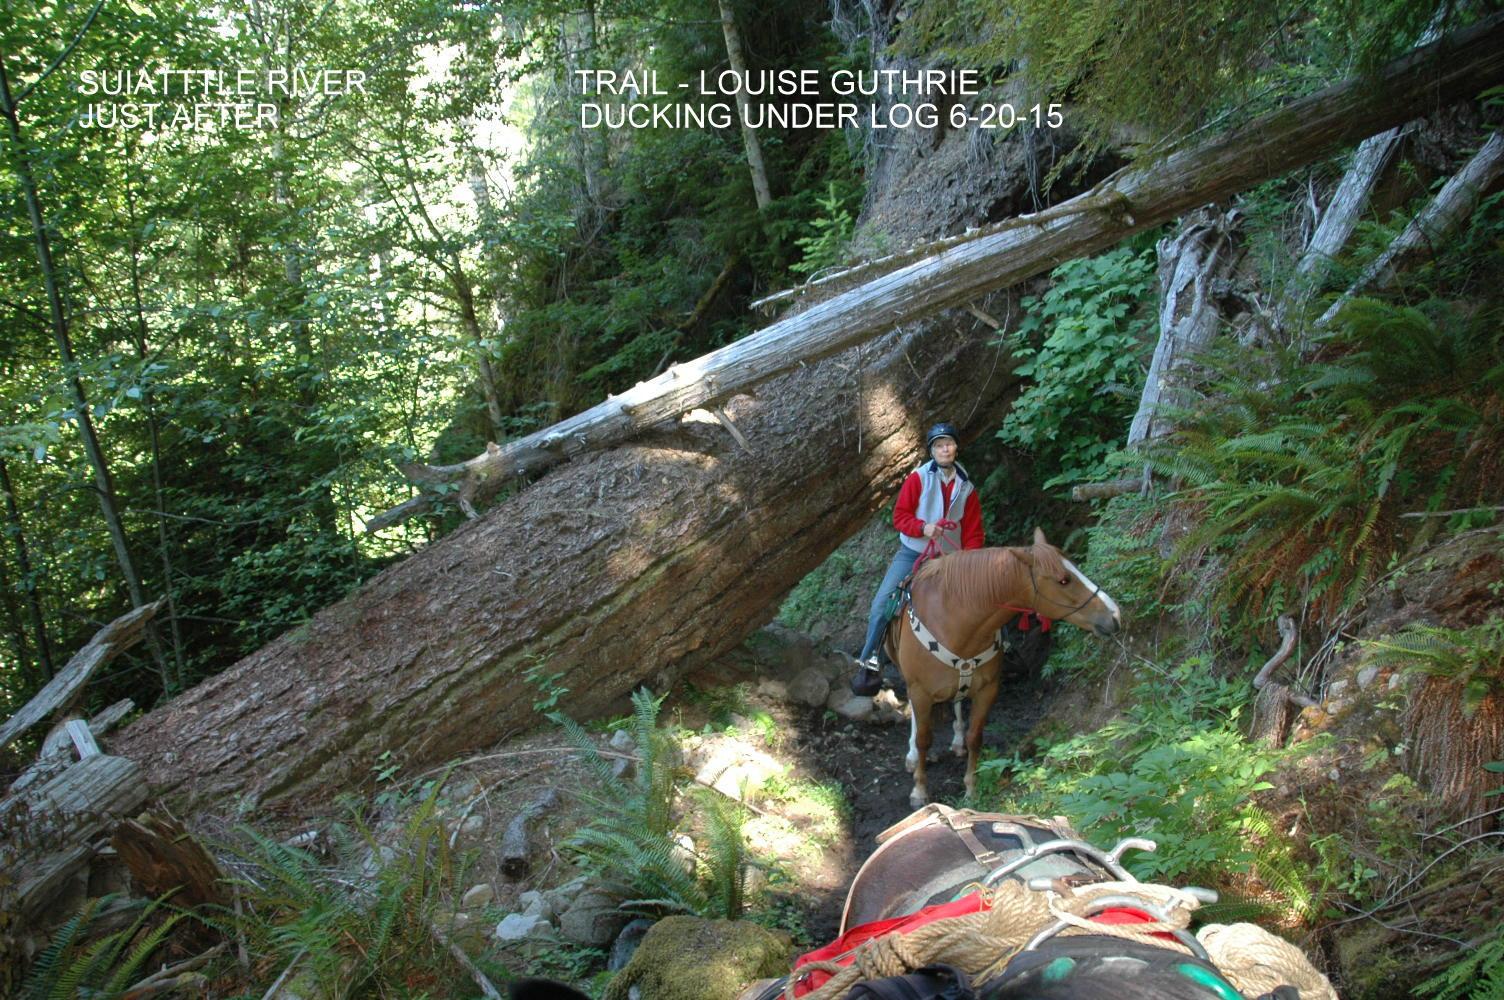 Suiattle R. Trail